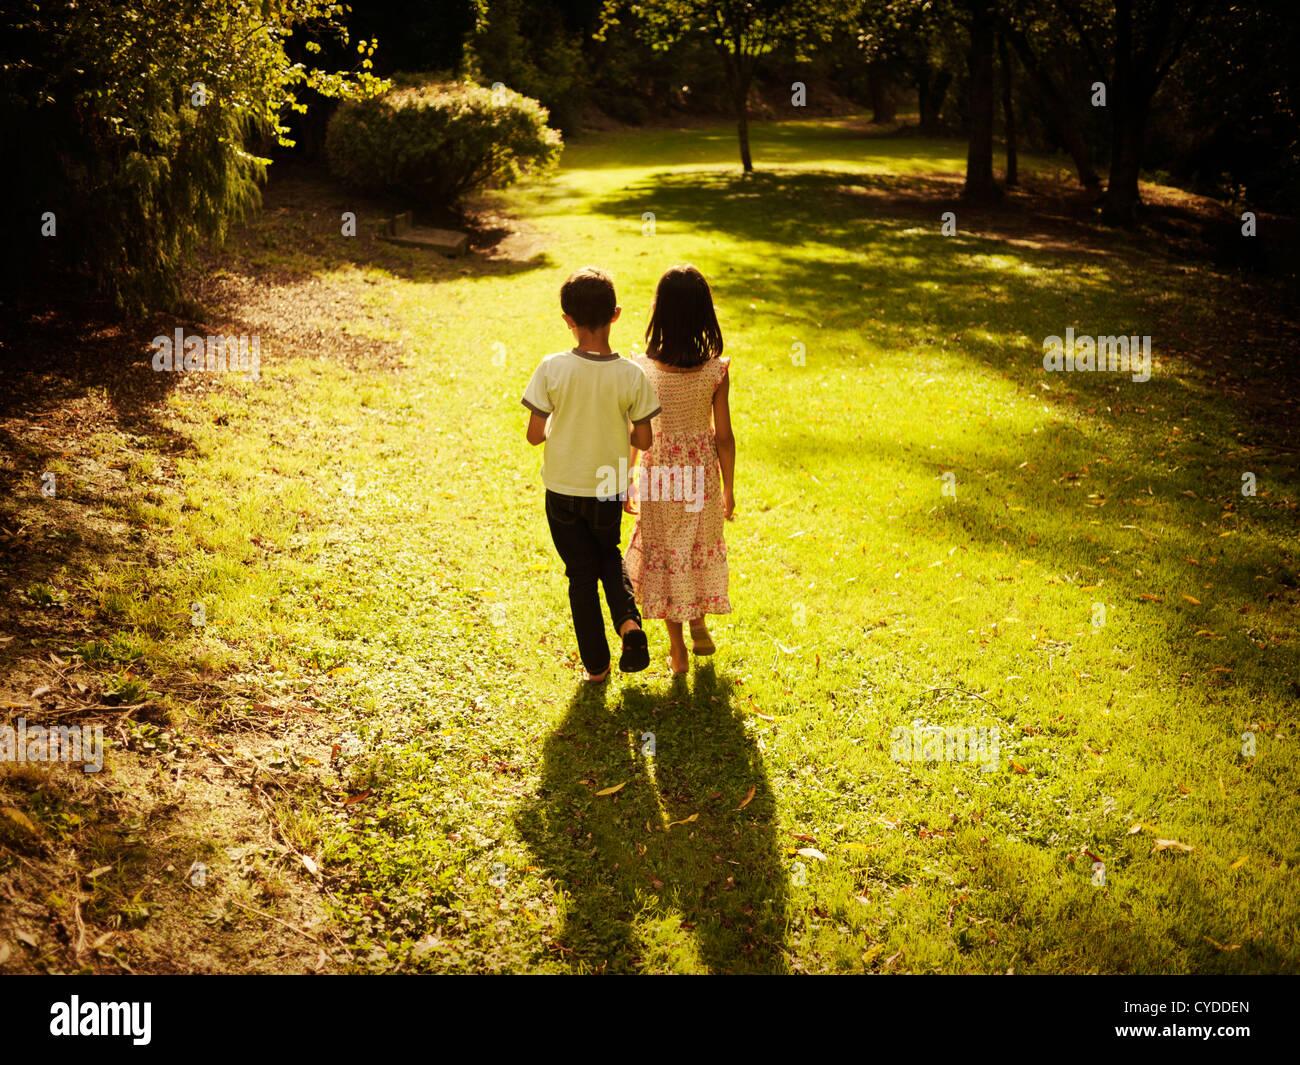 Hora dorada: chico y chica tarde de verano caminando en el bosque Imagen De Stock